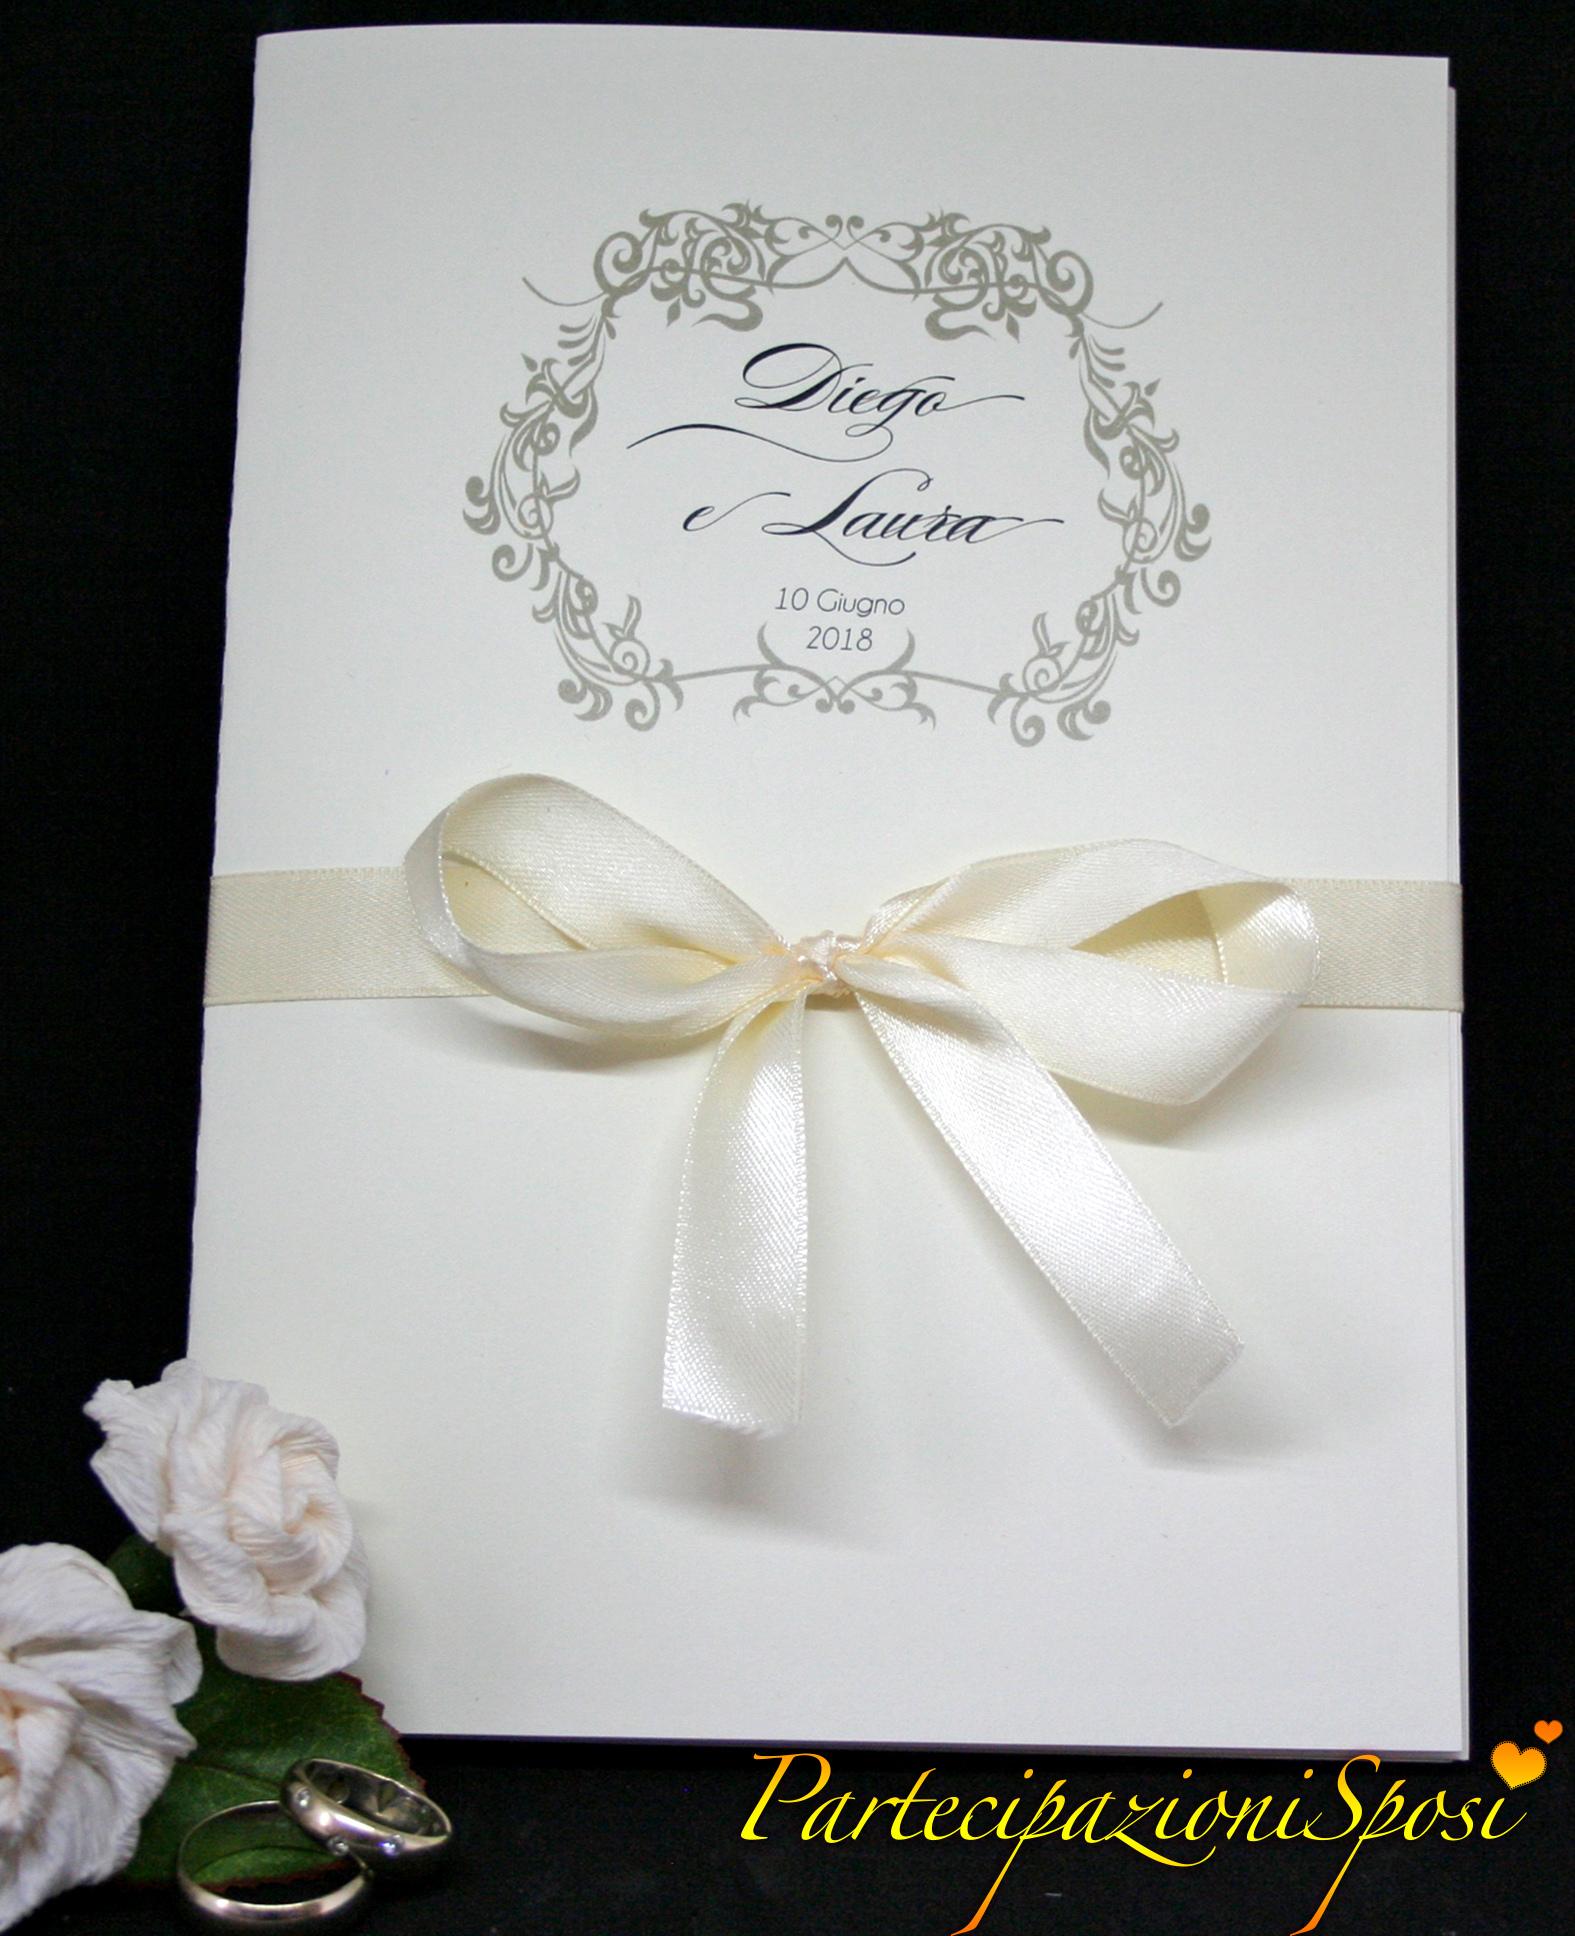 Frasi Matrimonioorg.Rito Civile Testo Partecipazioni Matrimonio Civile Ardusat Org